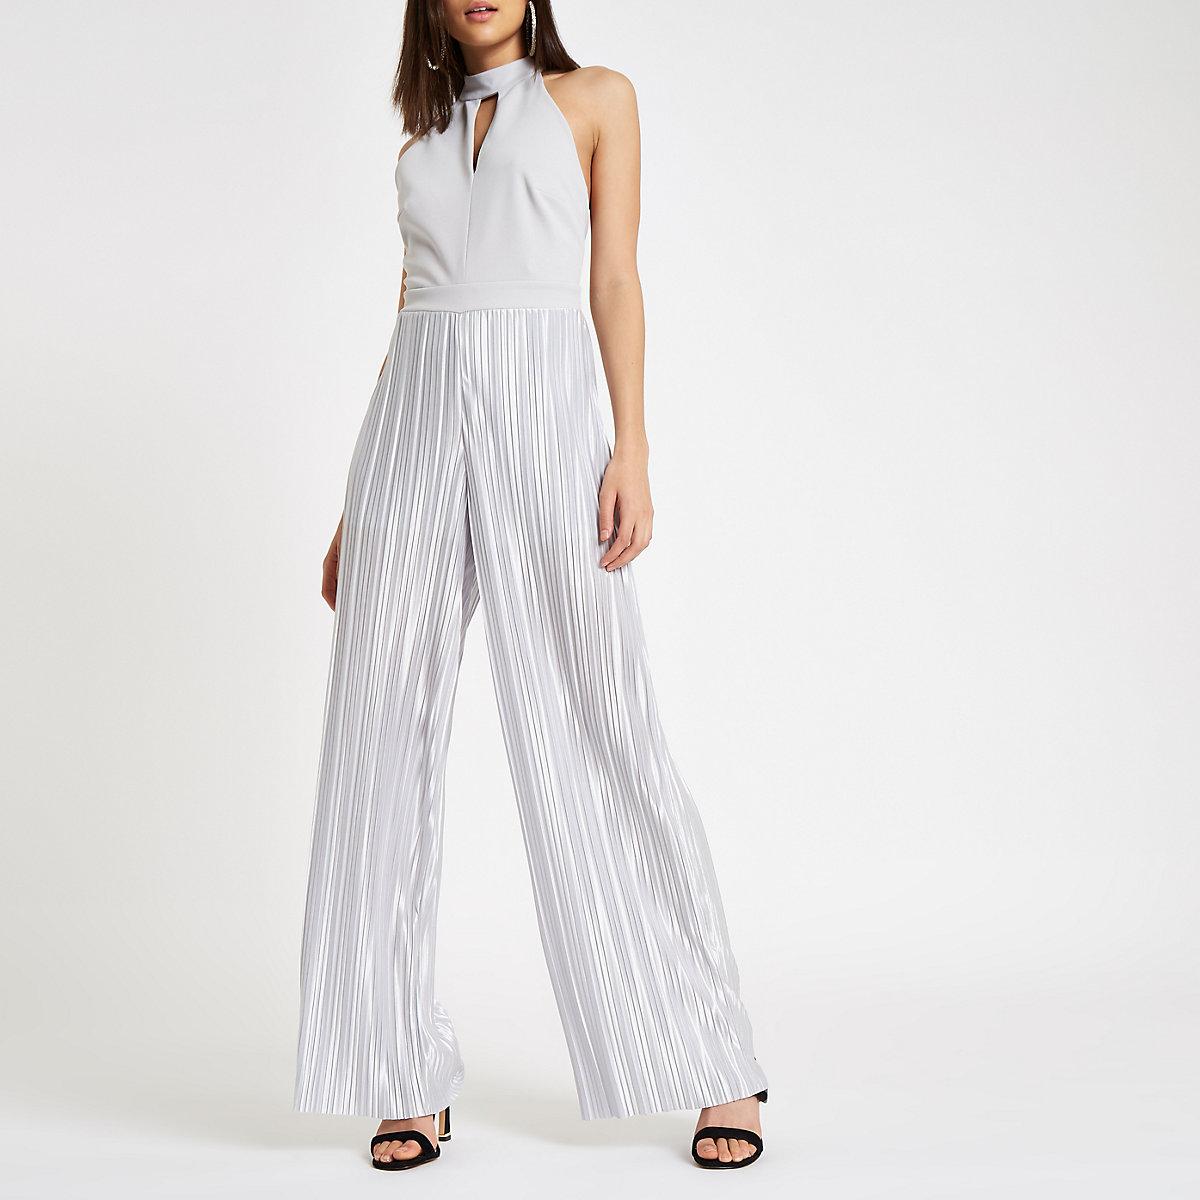 Silver halter neck wide leg plisse jumpsuit